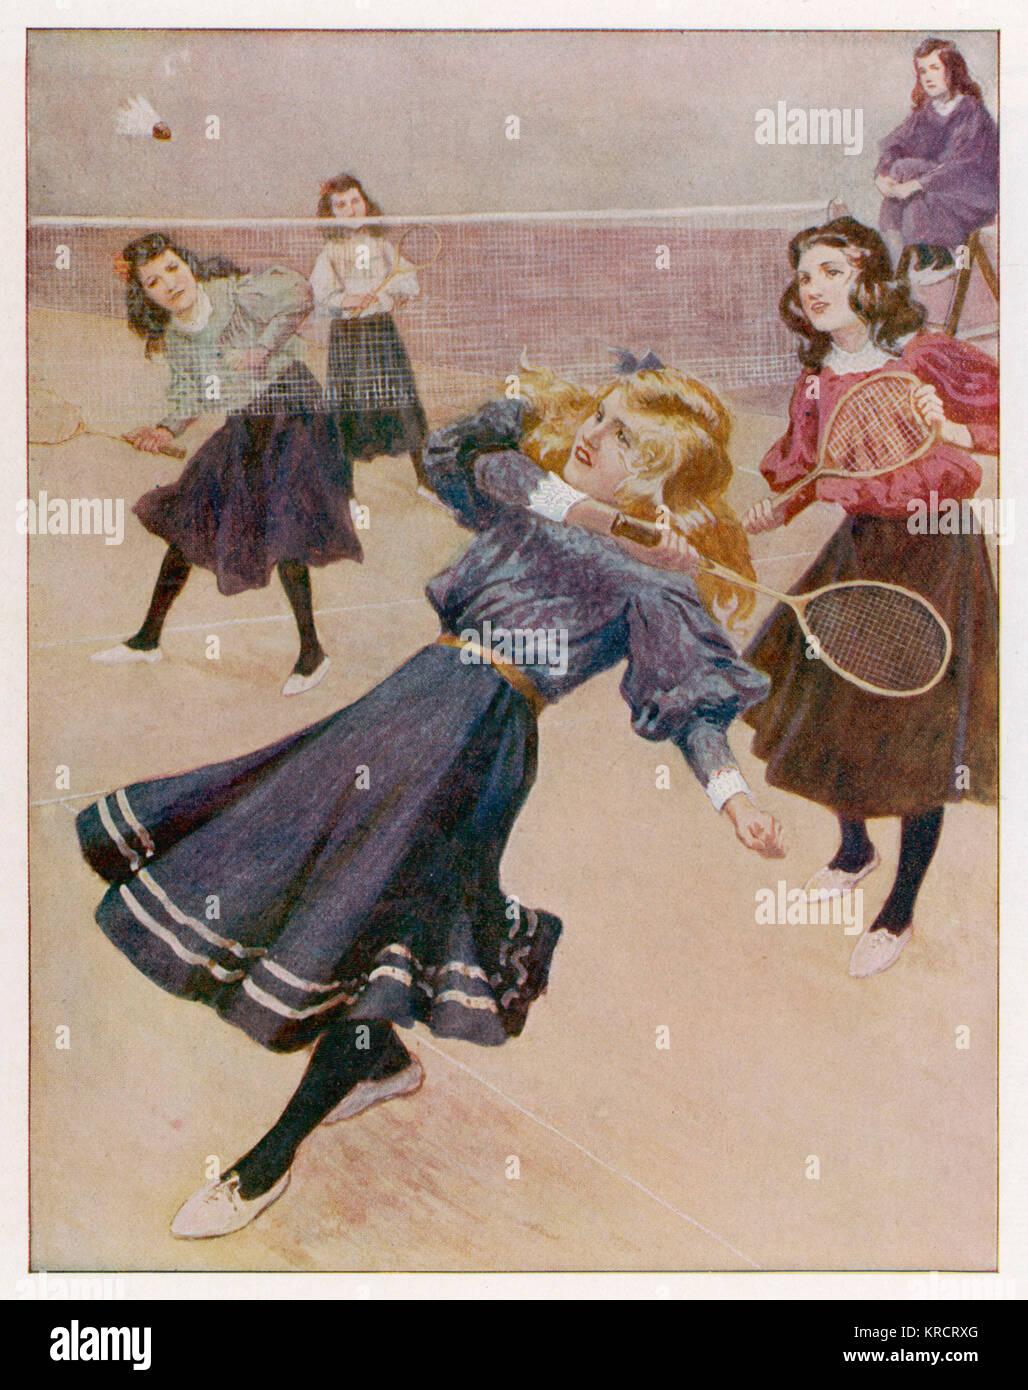 Le ragazze la riproduzione di badminton data: 1908 Immagini Stock